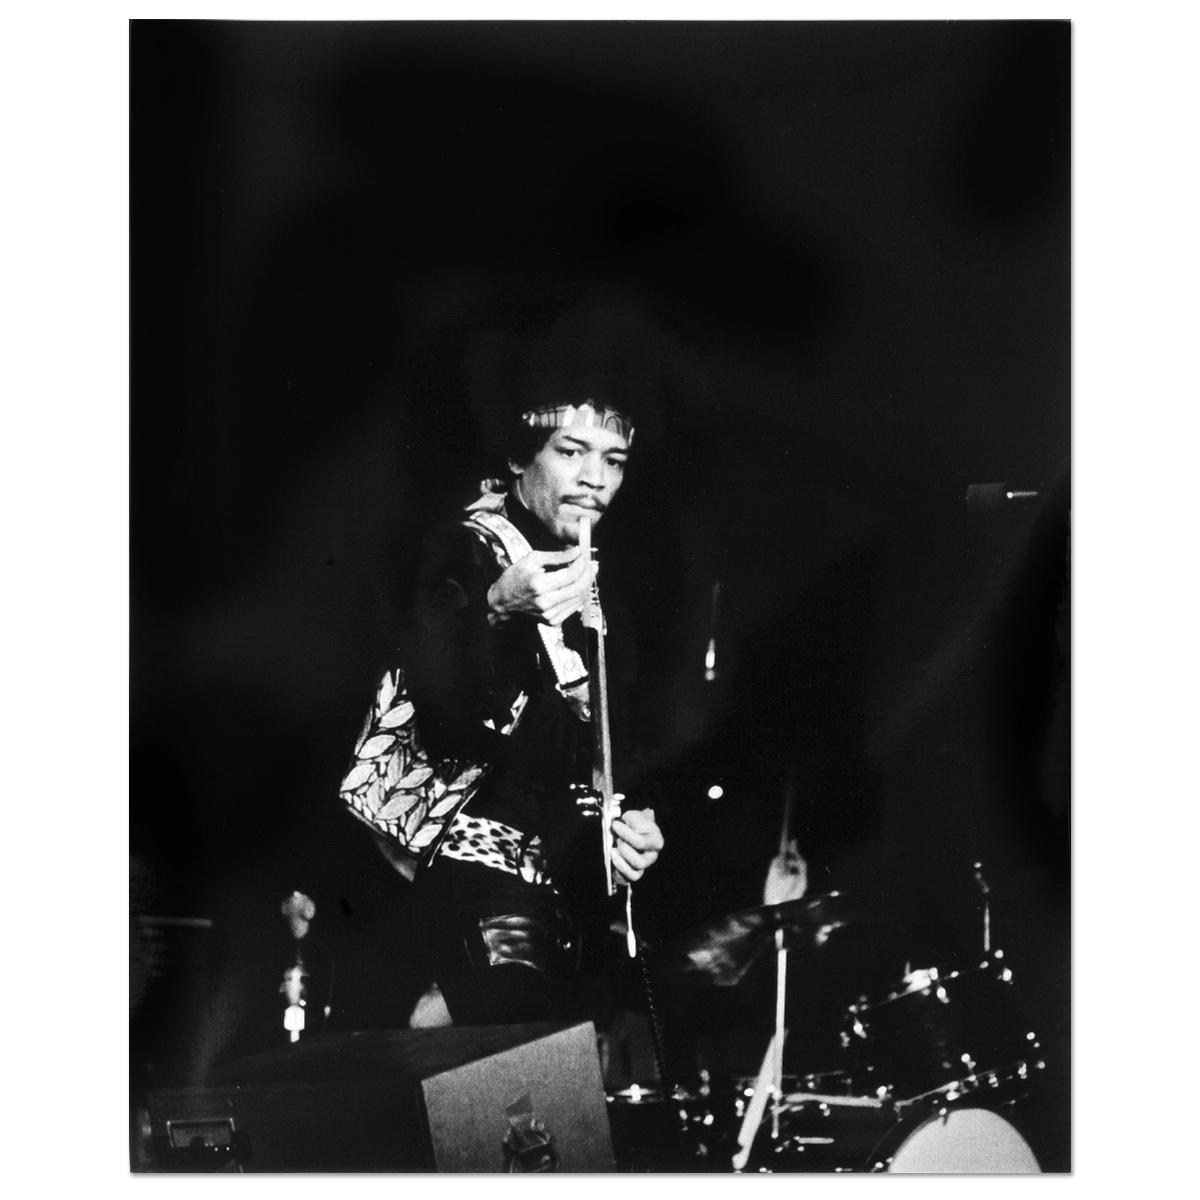 Los Angeles (LA Forum) : 25 avril 1970   - Page 2 9b6253a3f47f2c75f326b65c760a2ce5